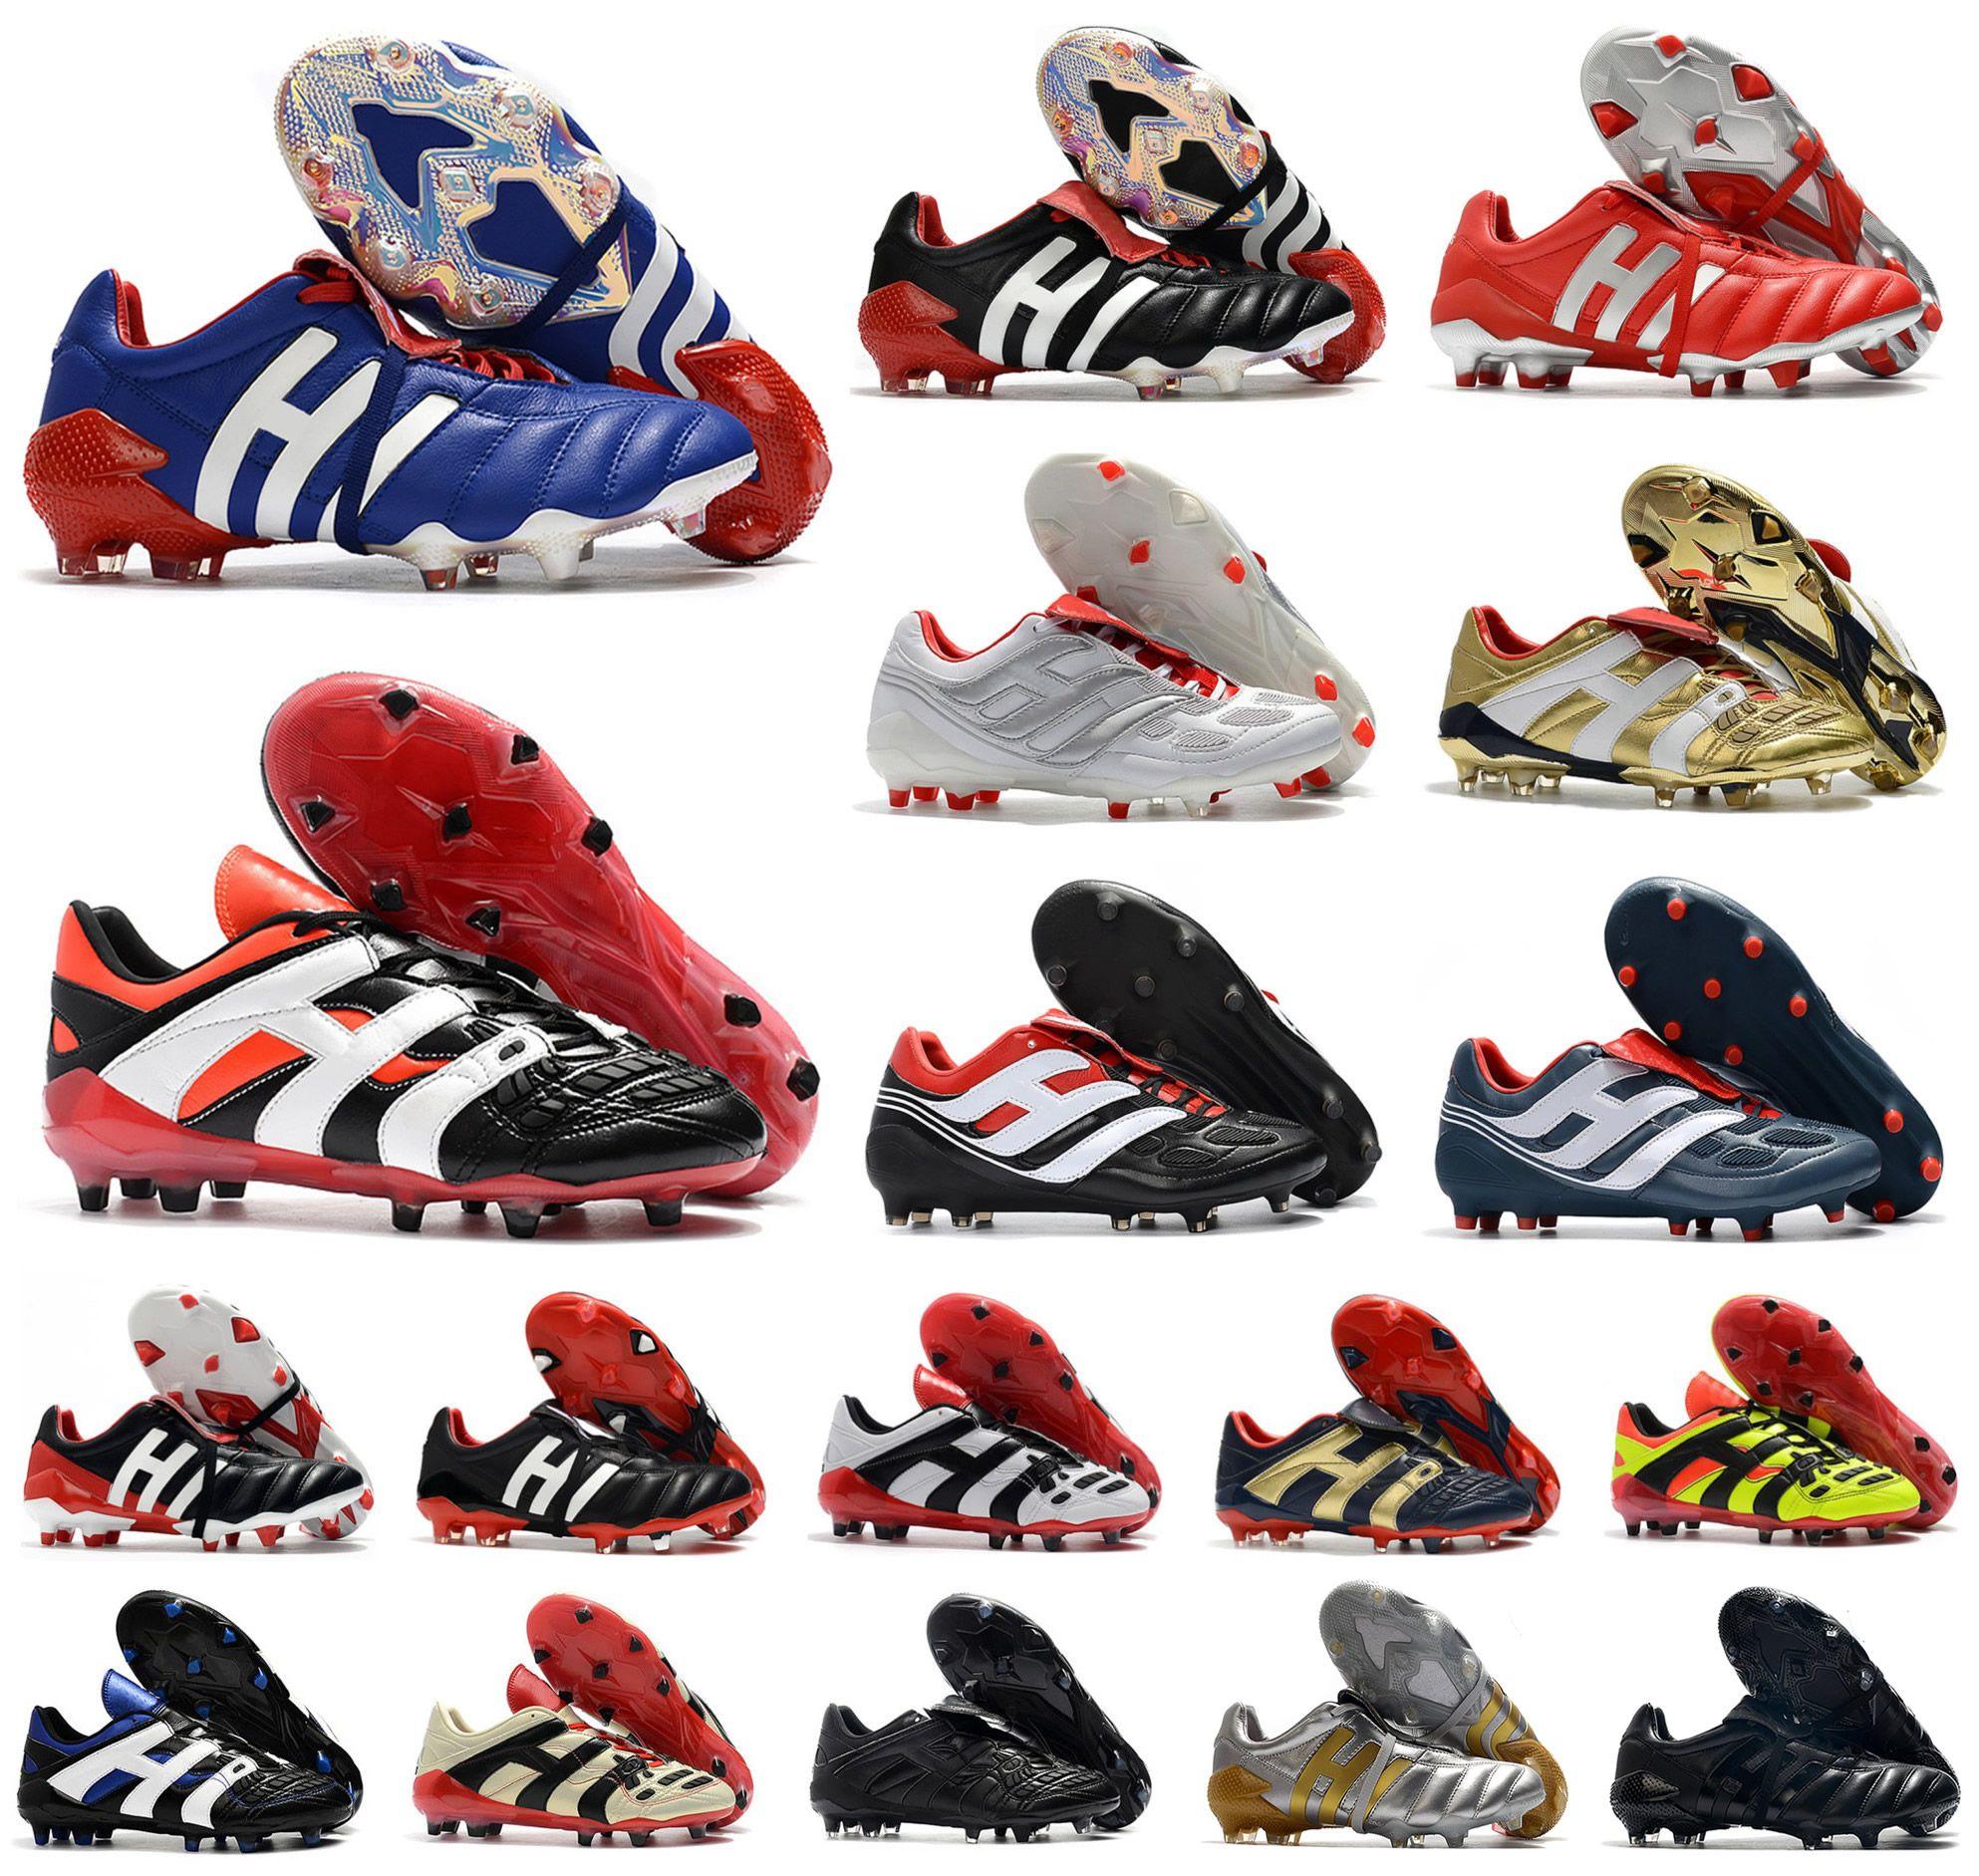 Homens Predator 20 + modificador Mania Tormentor Accelerator Electricidade de precisão 20 + x FG Beckham DB Zidane ZZ chuteiras sapatos de futebol grampos